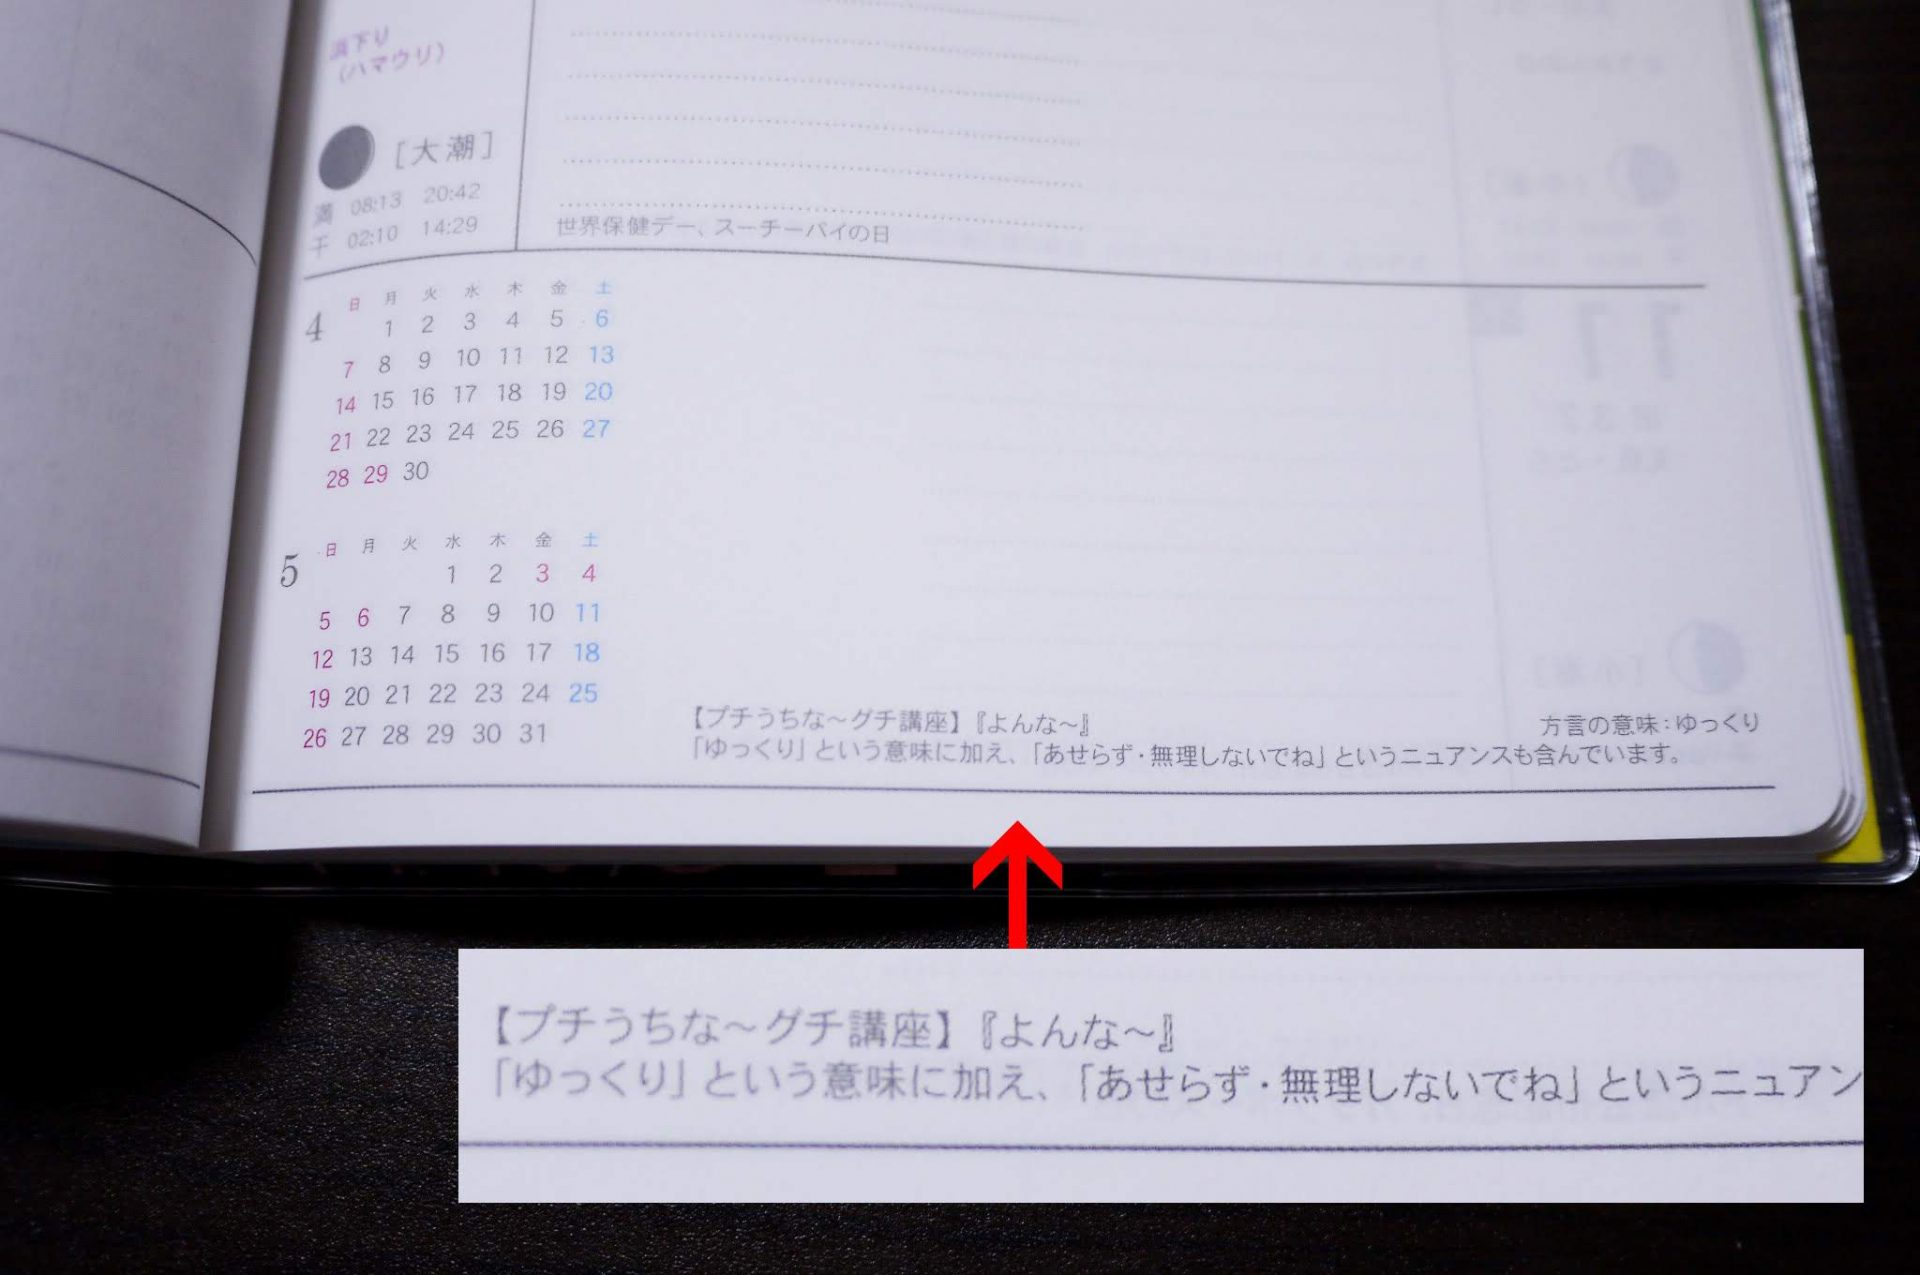 その10. 見落とすなかれ!ページ下に、沖縄方言も紹介されている